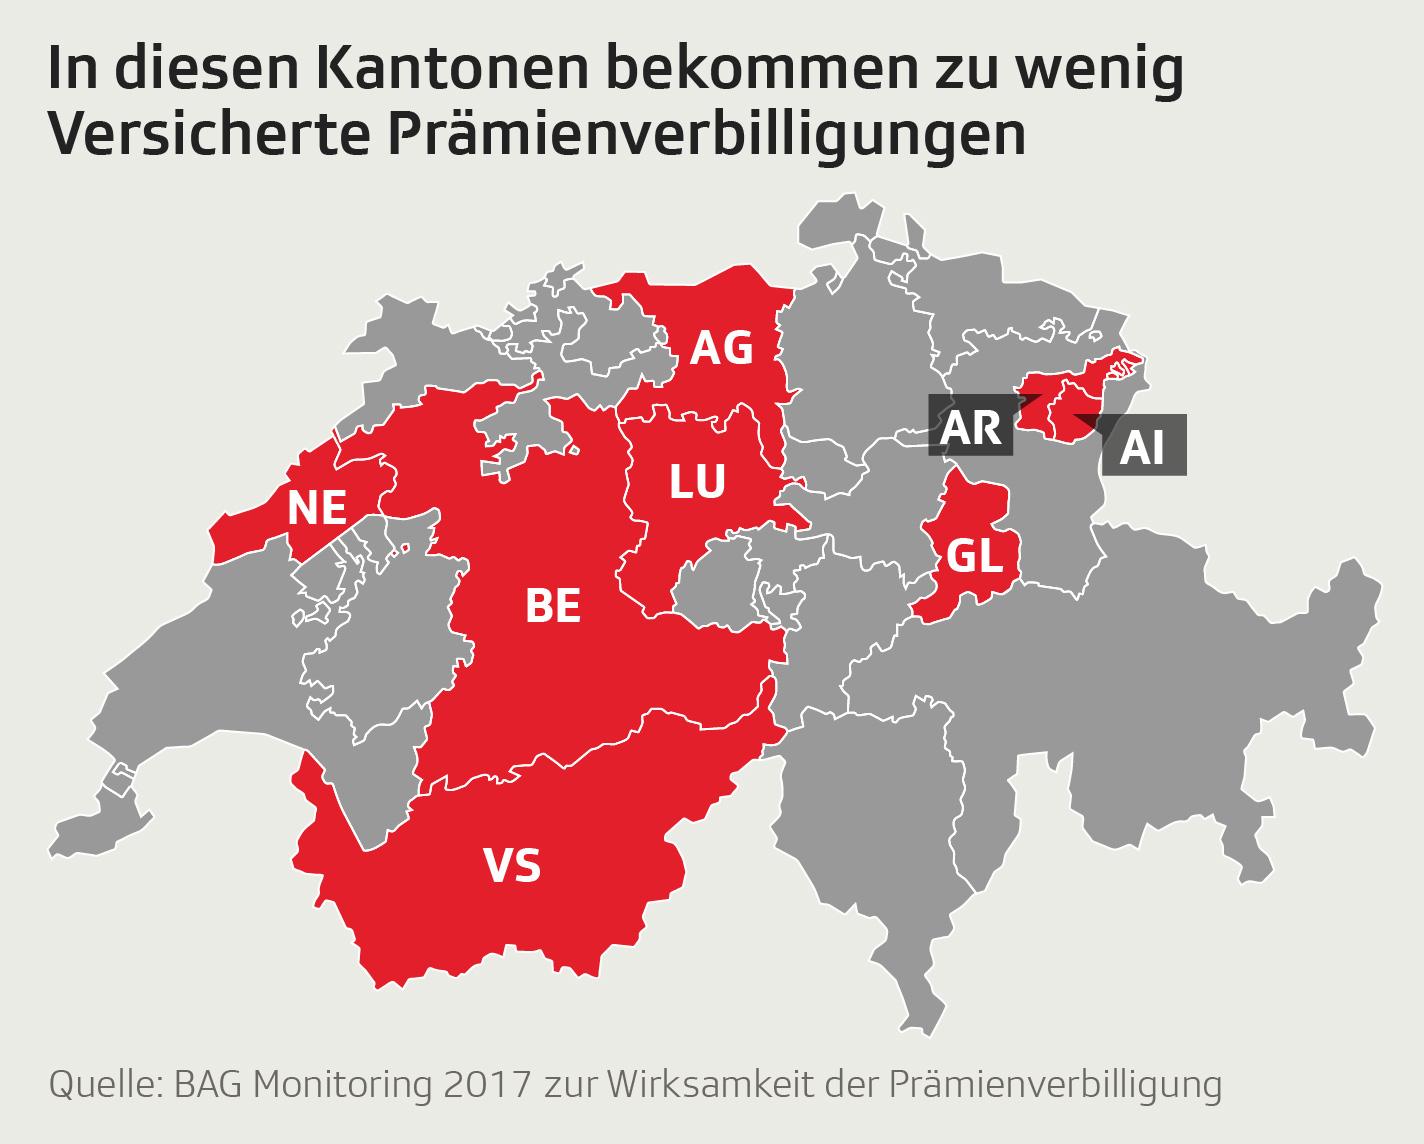 Schweizer Karte mit markierten Kantonen mit zu niedriger Einkommensgrenze